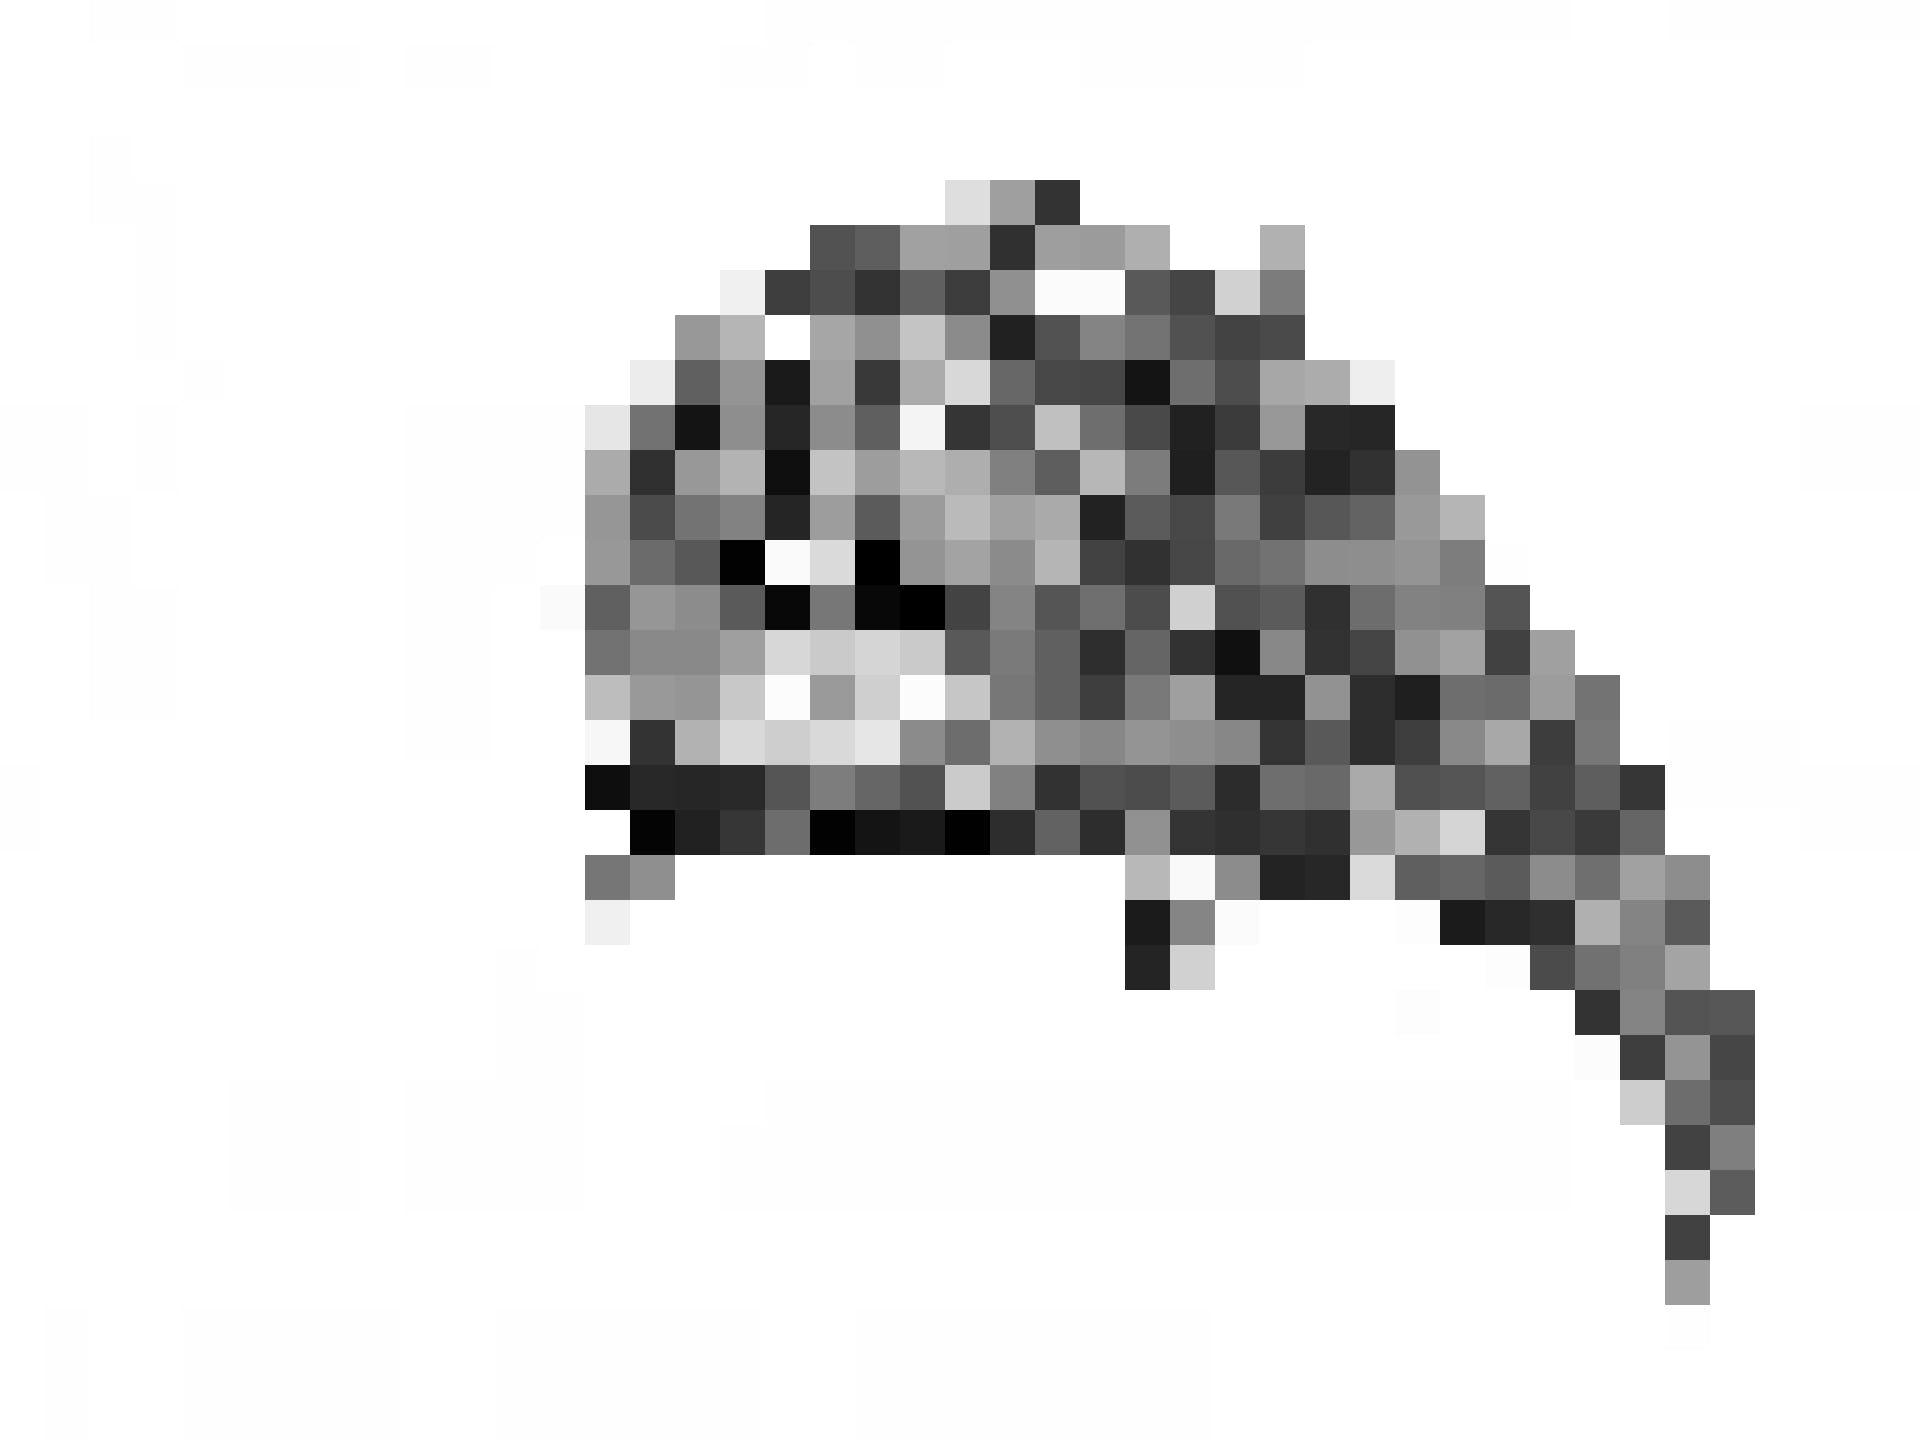 Pendant le Dévonien, les espèces débarquent peu à peu sur les différents continents. Les amphibiens sont les premiers vertébrés qui ont osé poser la patte sur la terre ferme. Vu ce qui nageait dans les océans, on les comprend. Les poissons régnaient en maîtres: par exemple les premiers requins, mais aussi les  placodermes. Comme leur nom ne l'indique pas forcément, leur crâne était fait d'épaisses plaques osseuses. Le représentant le plus impressionnant de cette espèce est clairement le dunkleosteus, qui n'avait pas de vraies dents, mais des mâchoires se terminant par des os pointus. Comme les dents d'un castor, ils poussaient sans cesse et, par effet de frottement, devenaient super aiguisés. En comparaison, le requin des «Dents de la mer» ressemble à  un gentil poisson rouge.